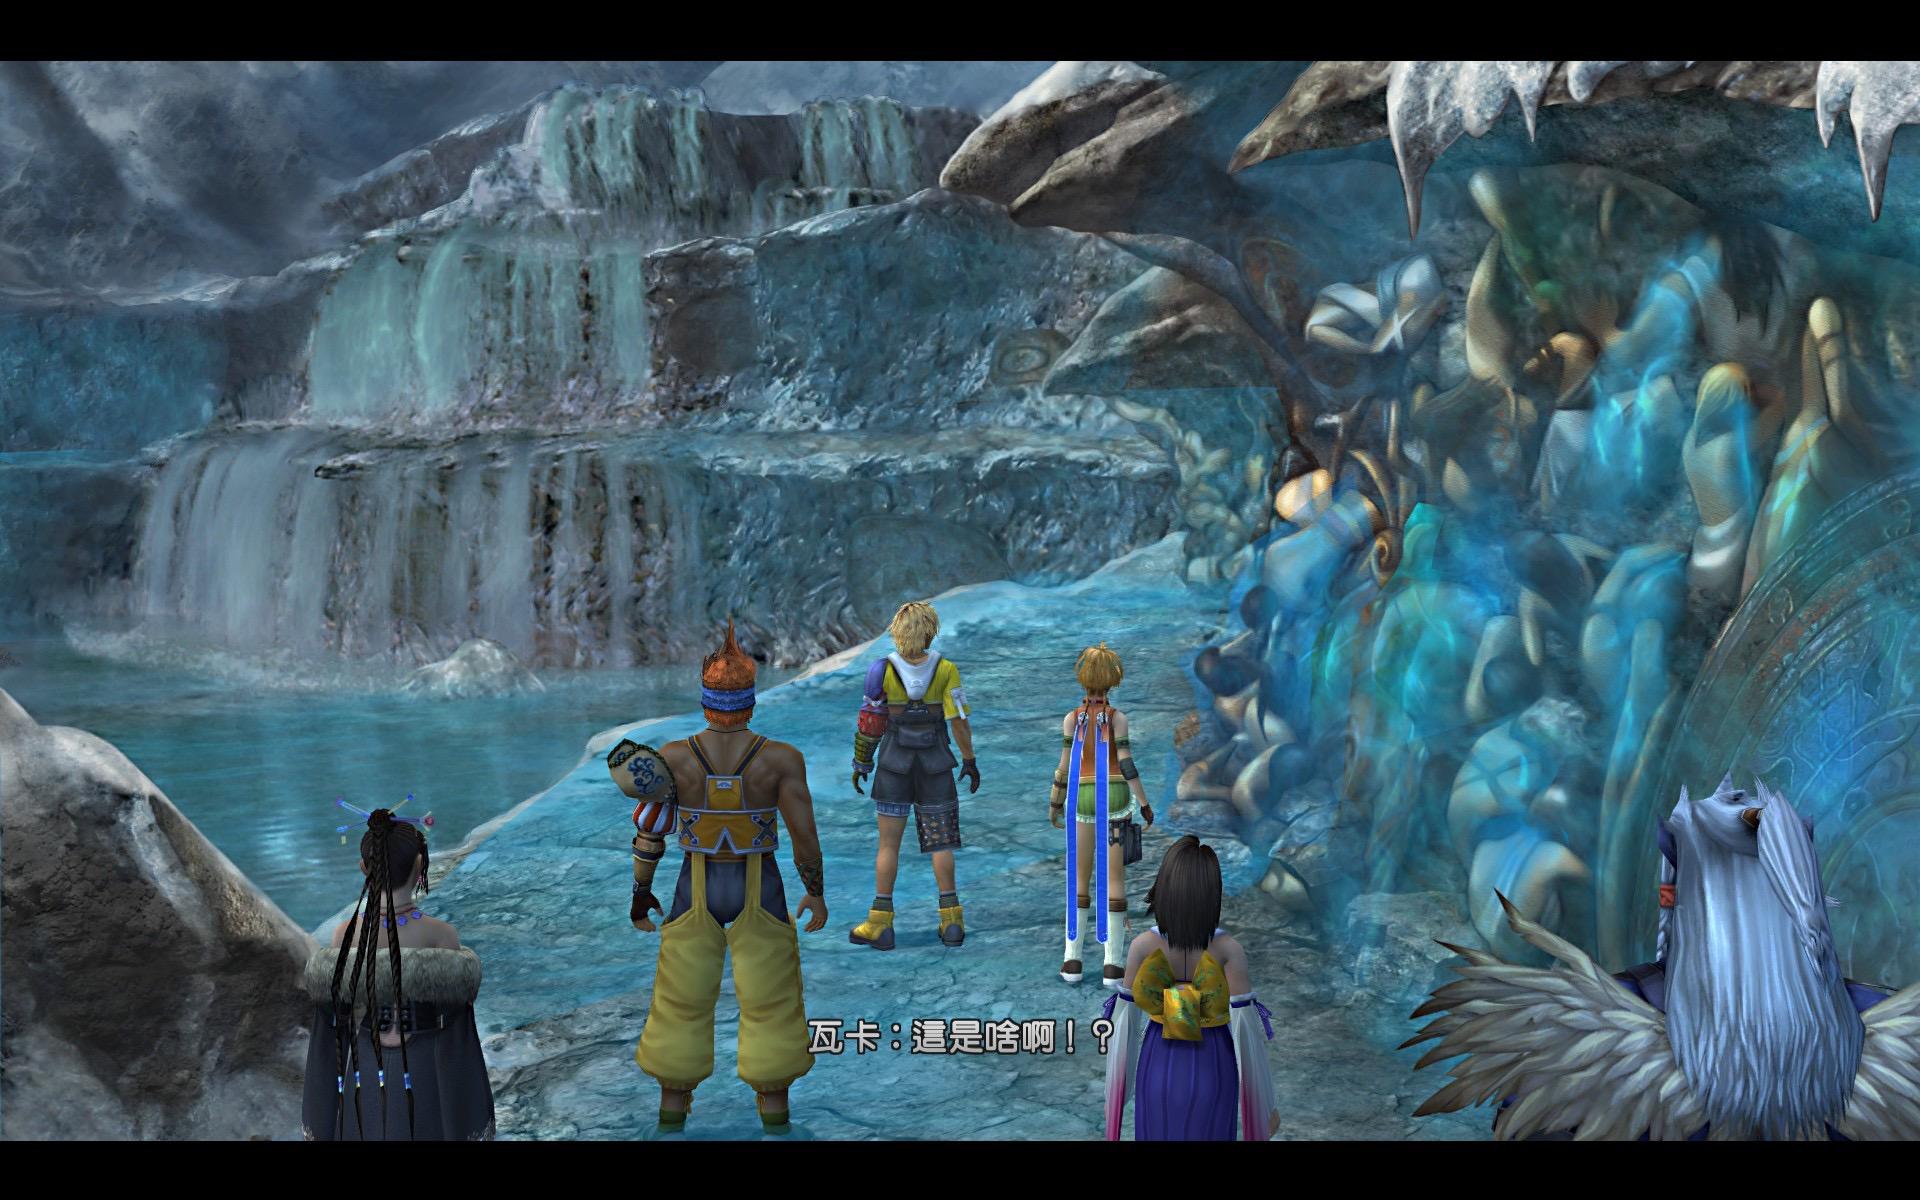 遇见一处美丽的瀑布,提达在梦中回到了Zanarkand